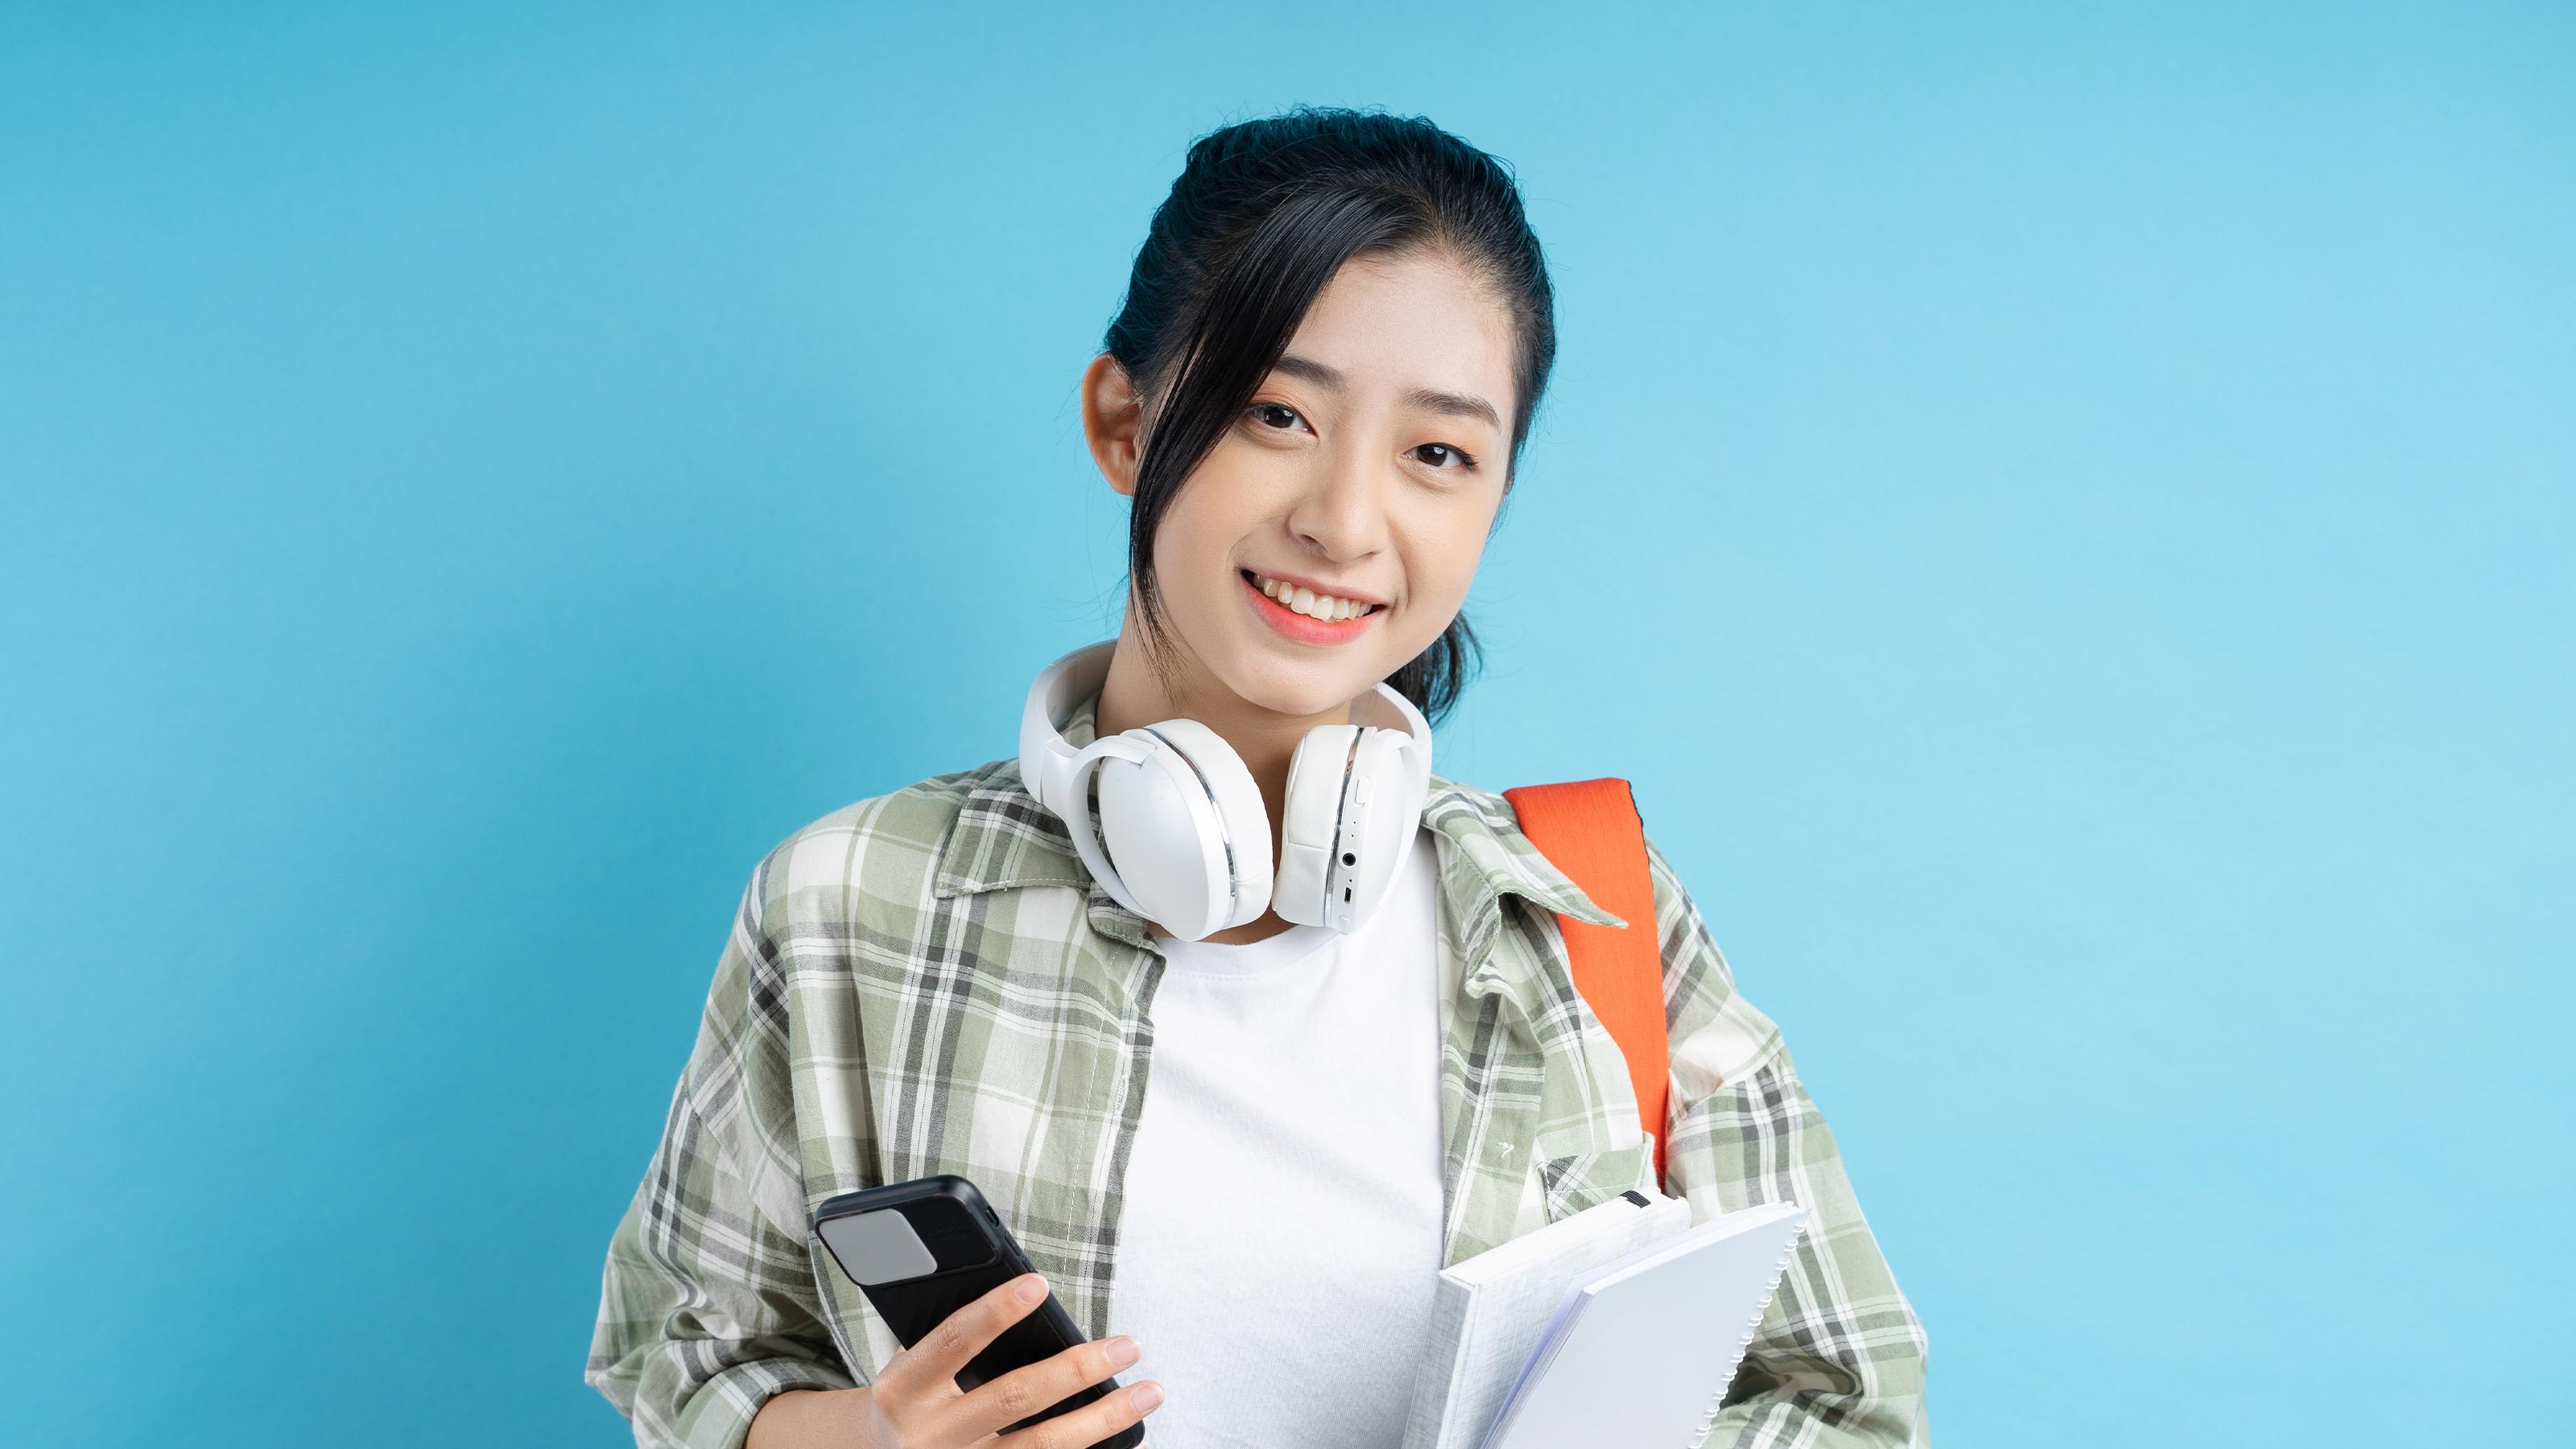 雲講堂-【全民英檢中級】聽力對話題解:討論的主題是什麼?